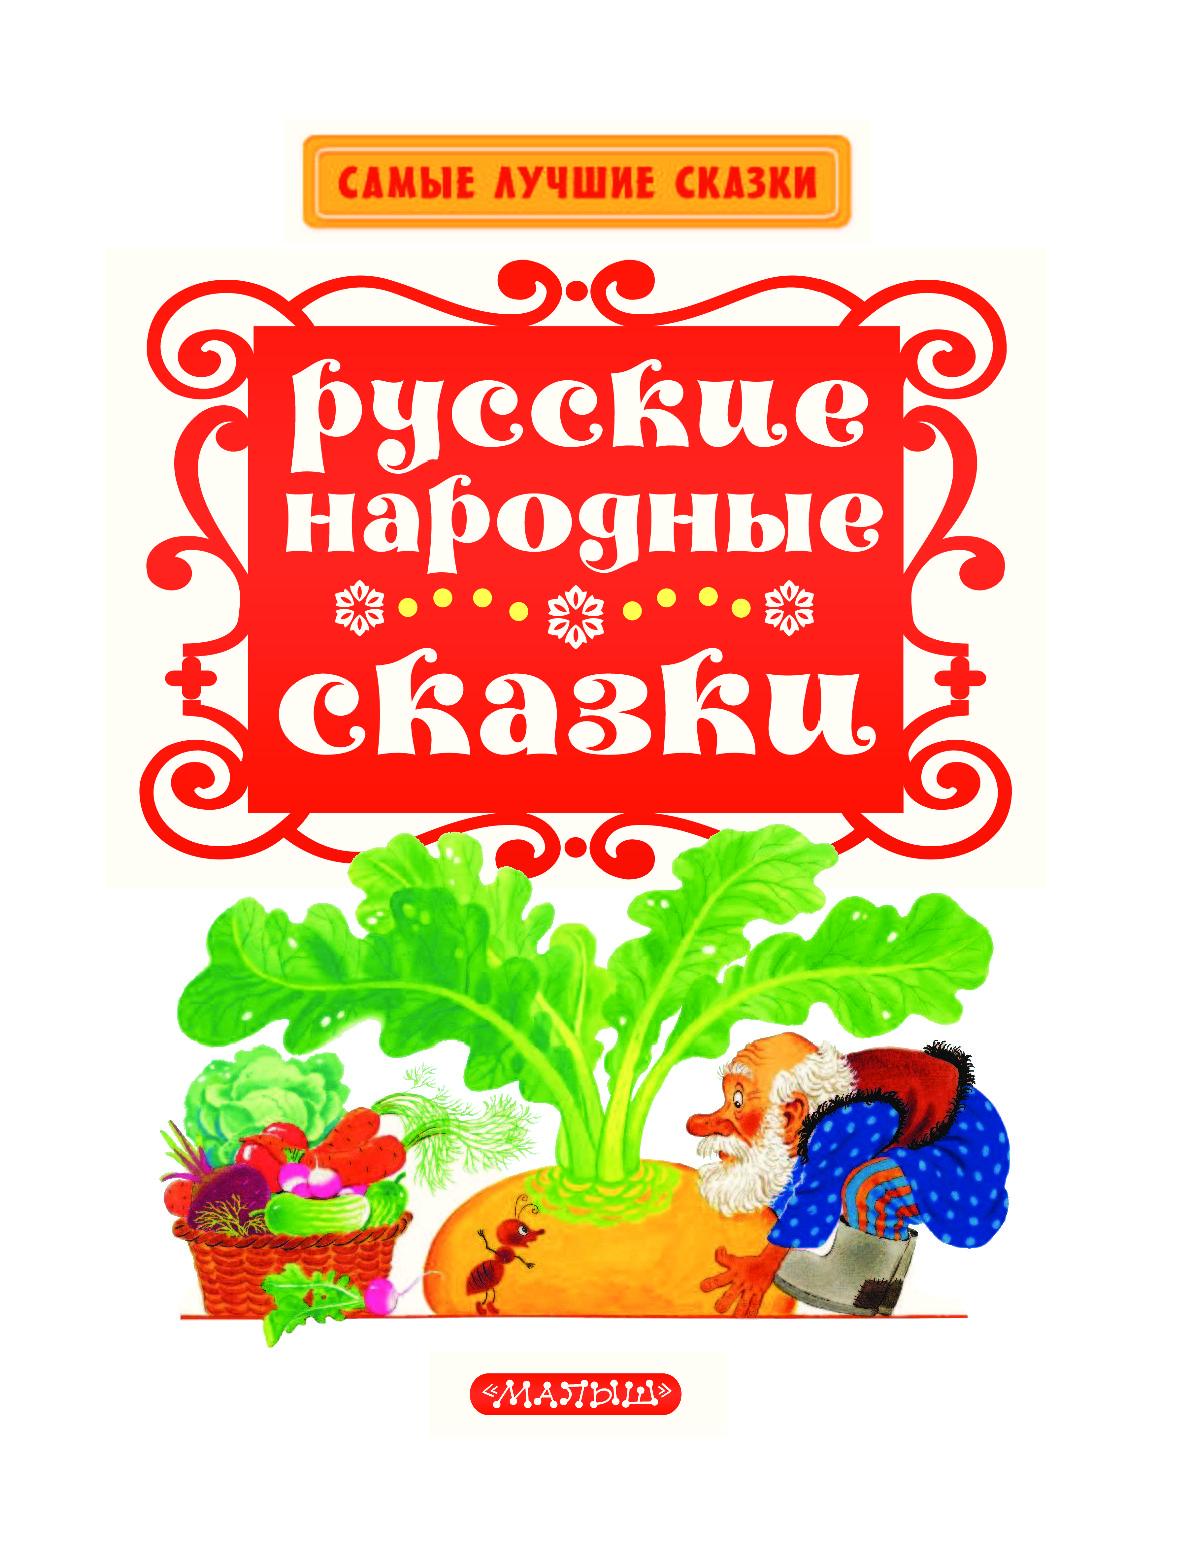 последнее картинки надпись русская народная сказка башни увидела сиднейскую